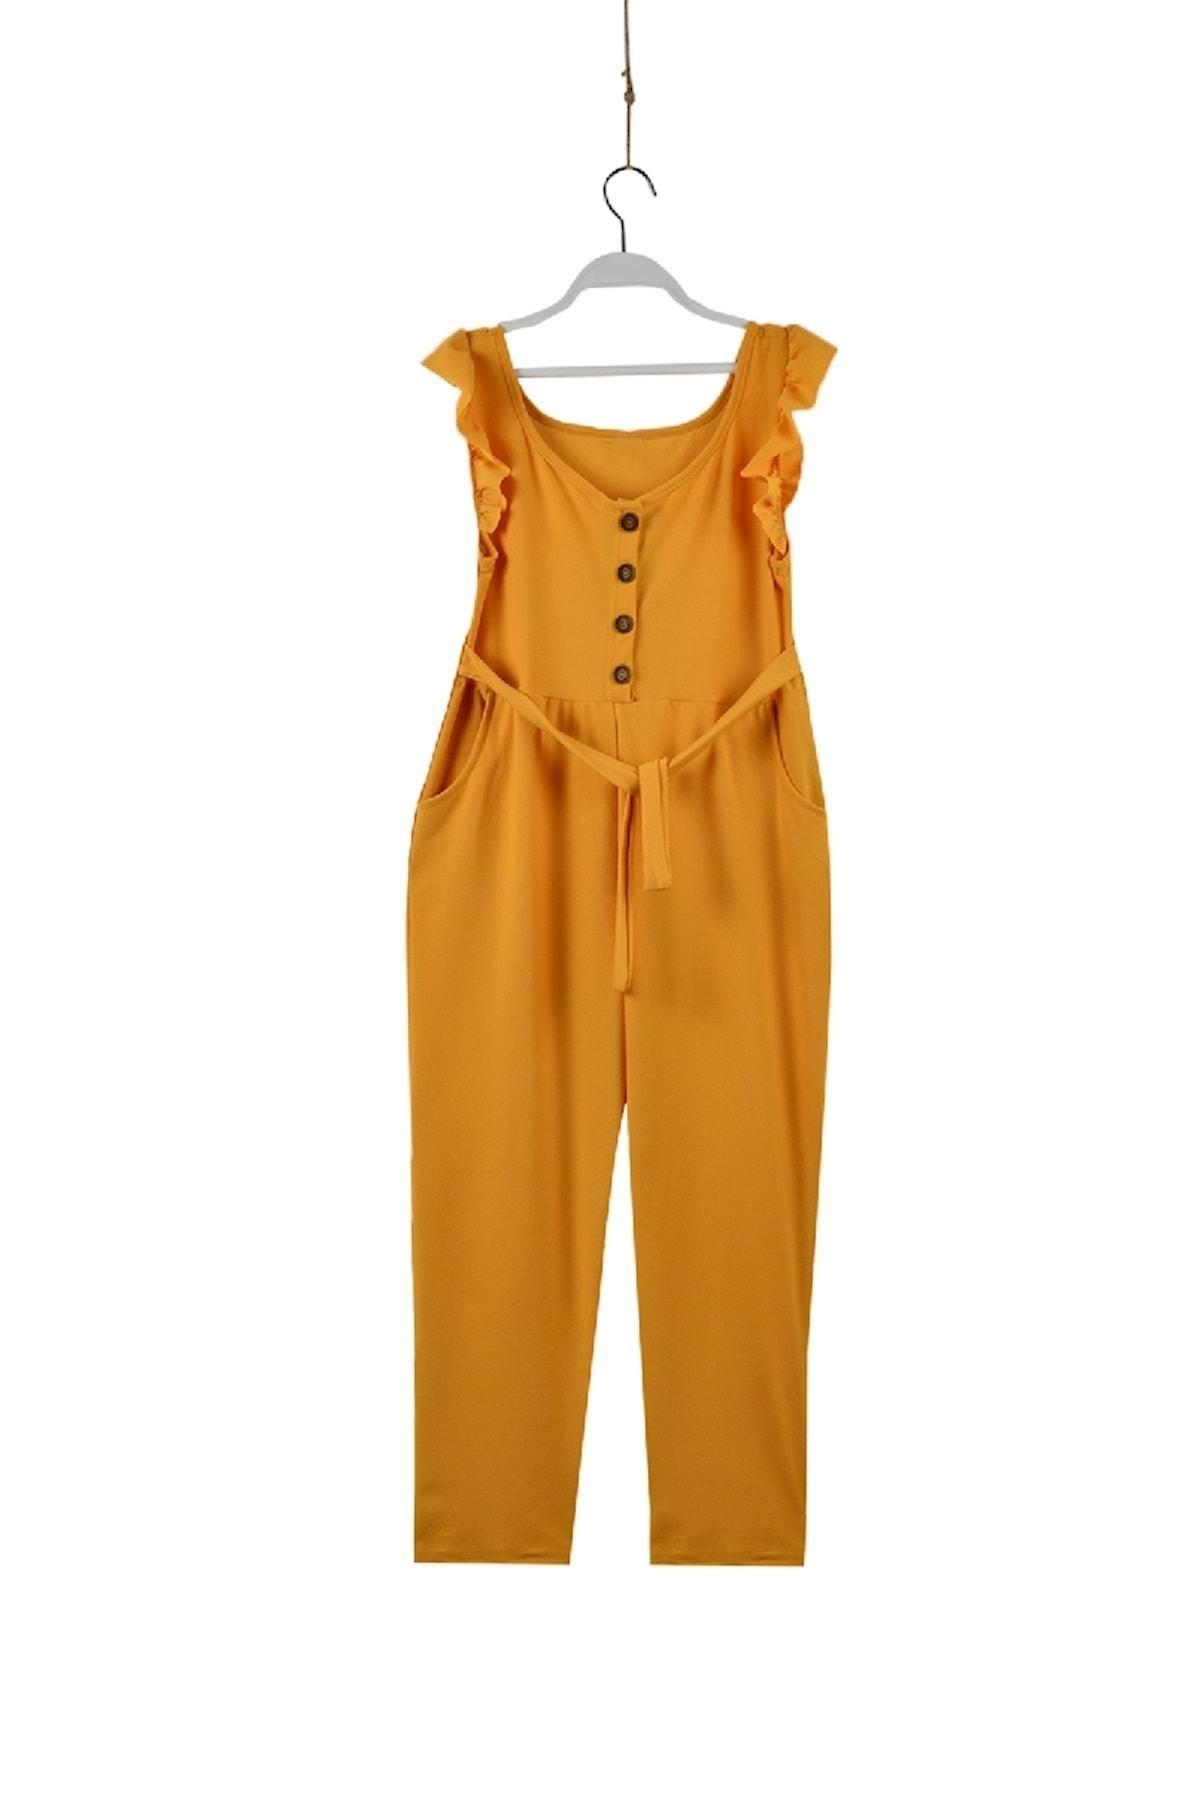 Kız Çocuk Önü Düğmeli Fırfırlı Tulum Sarı